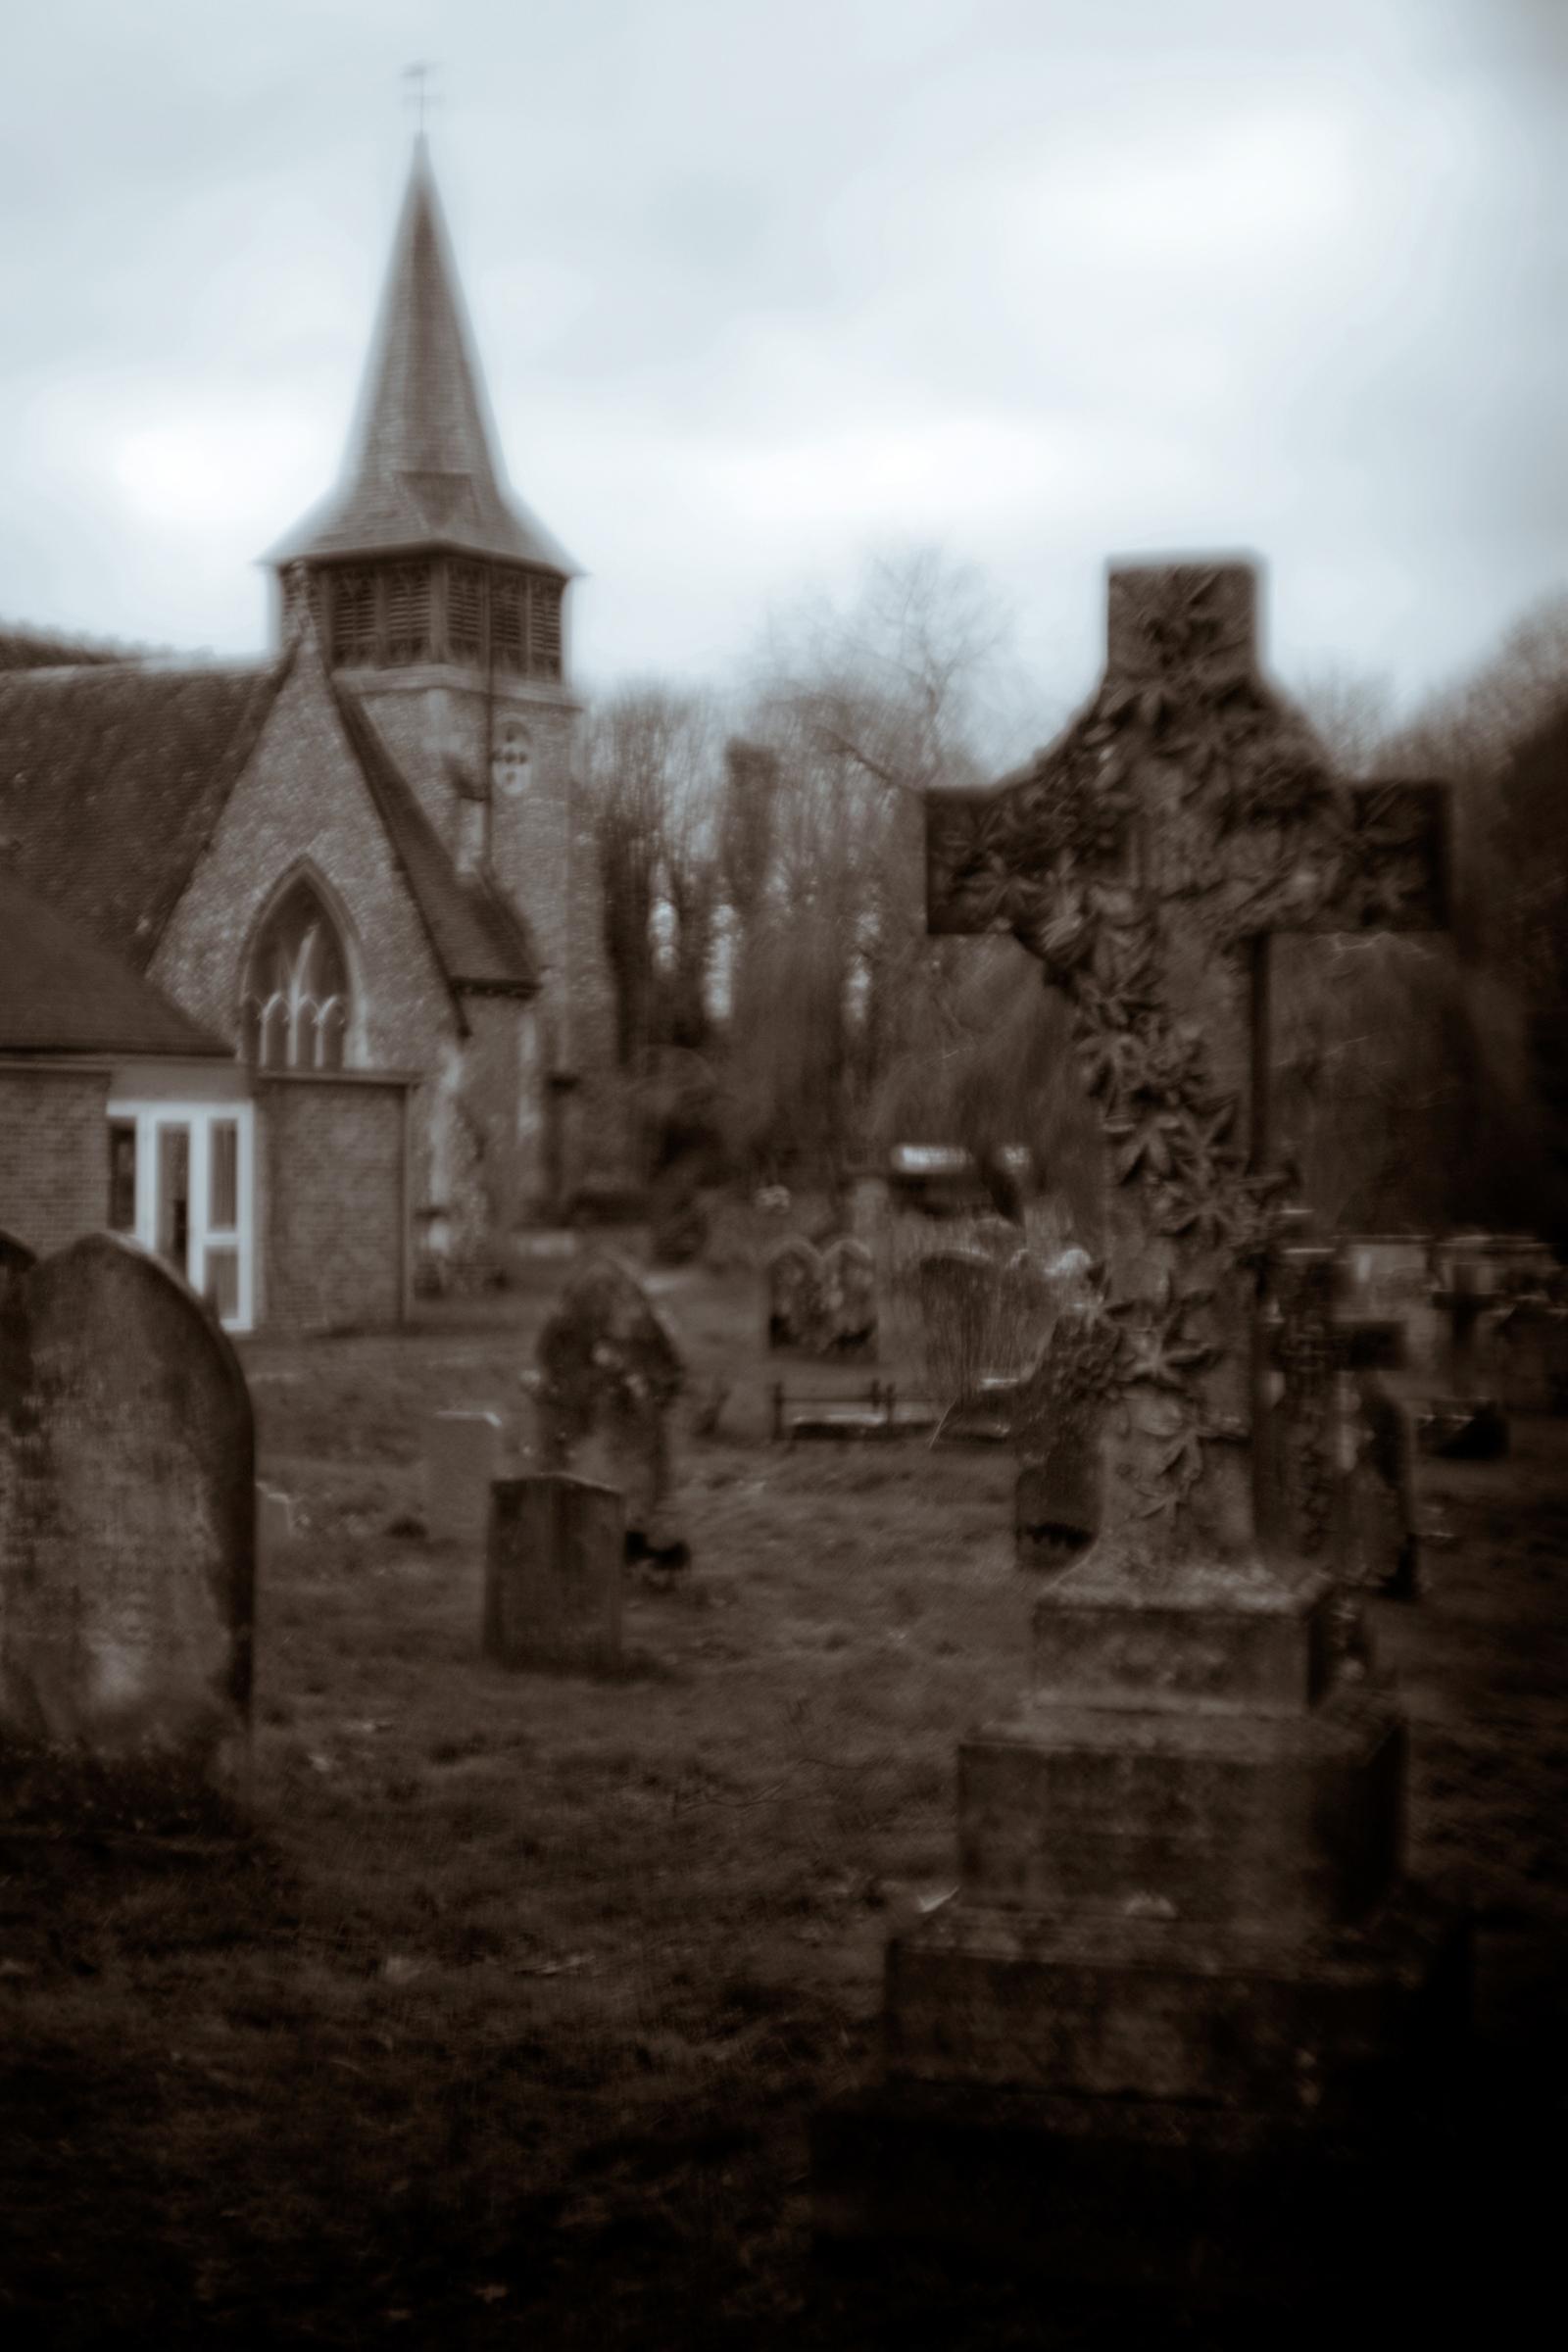 Eerie: Scott A Woodward